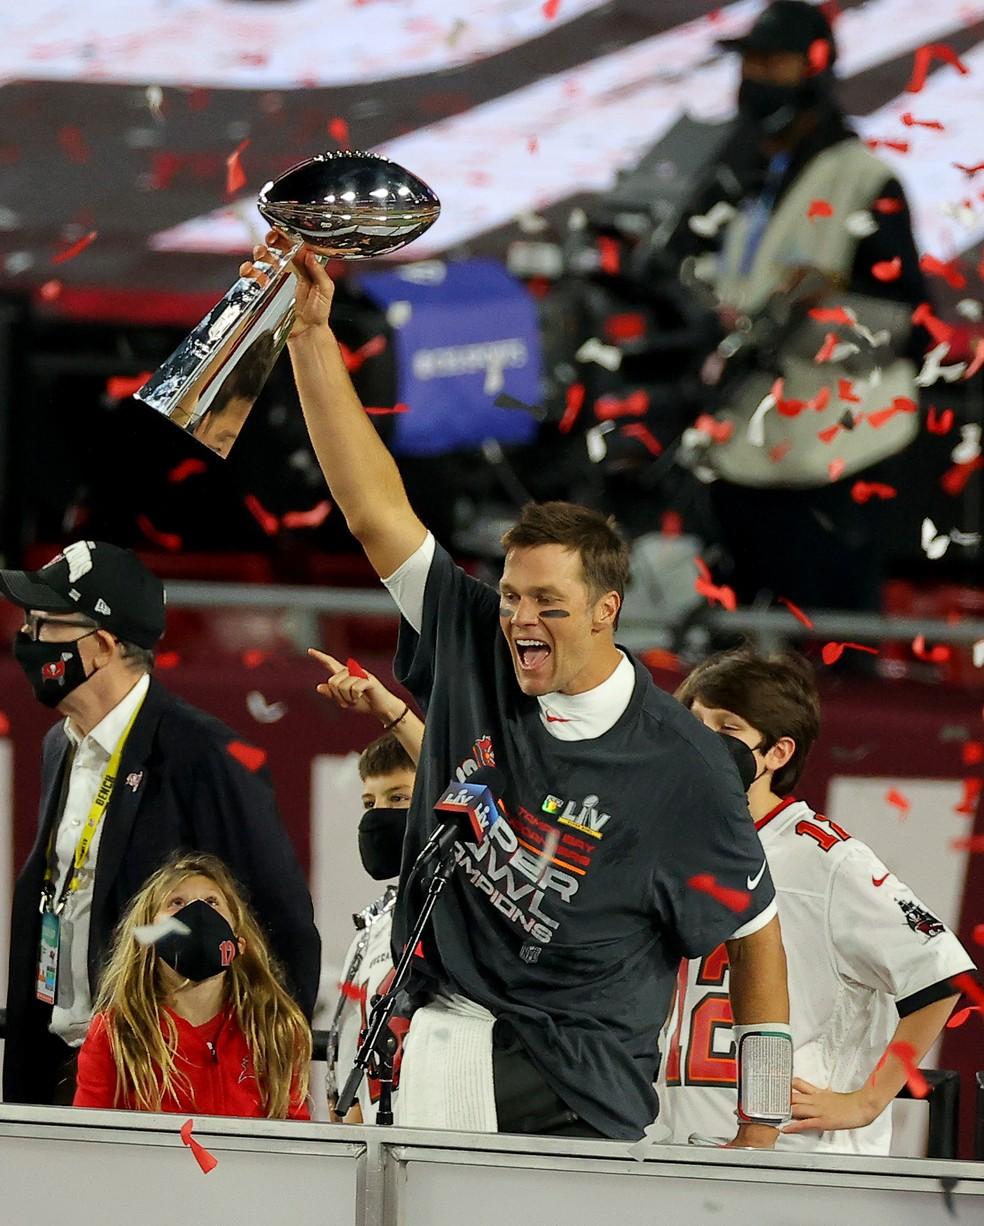 Tom ergue premio